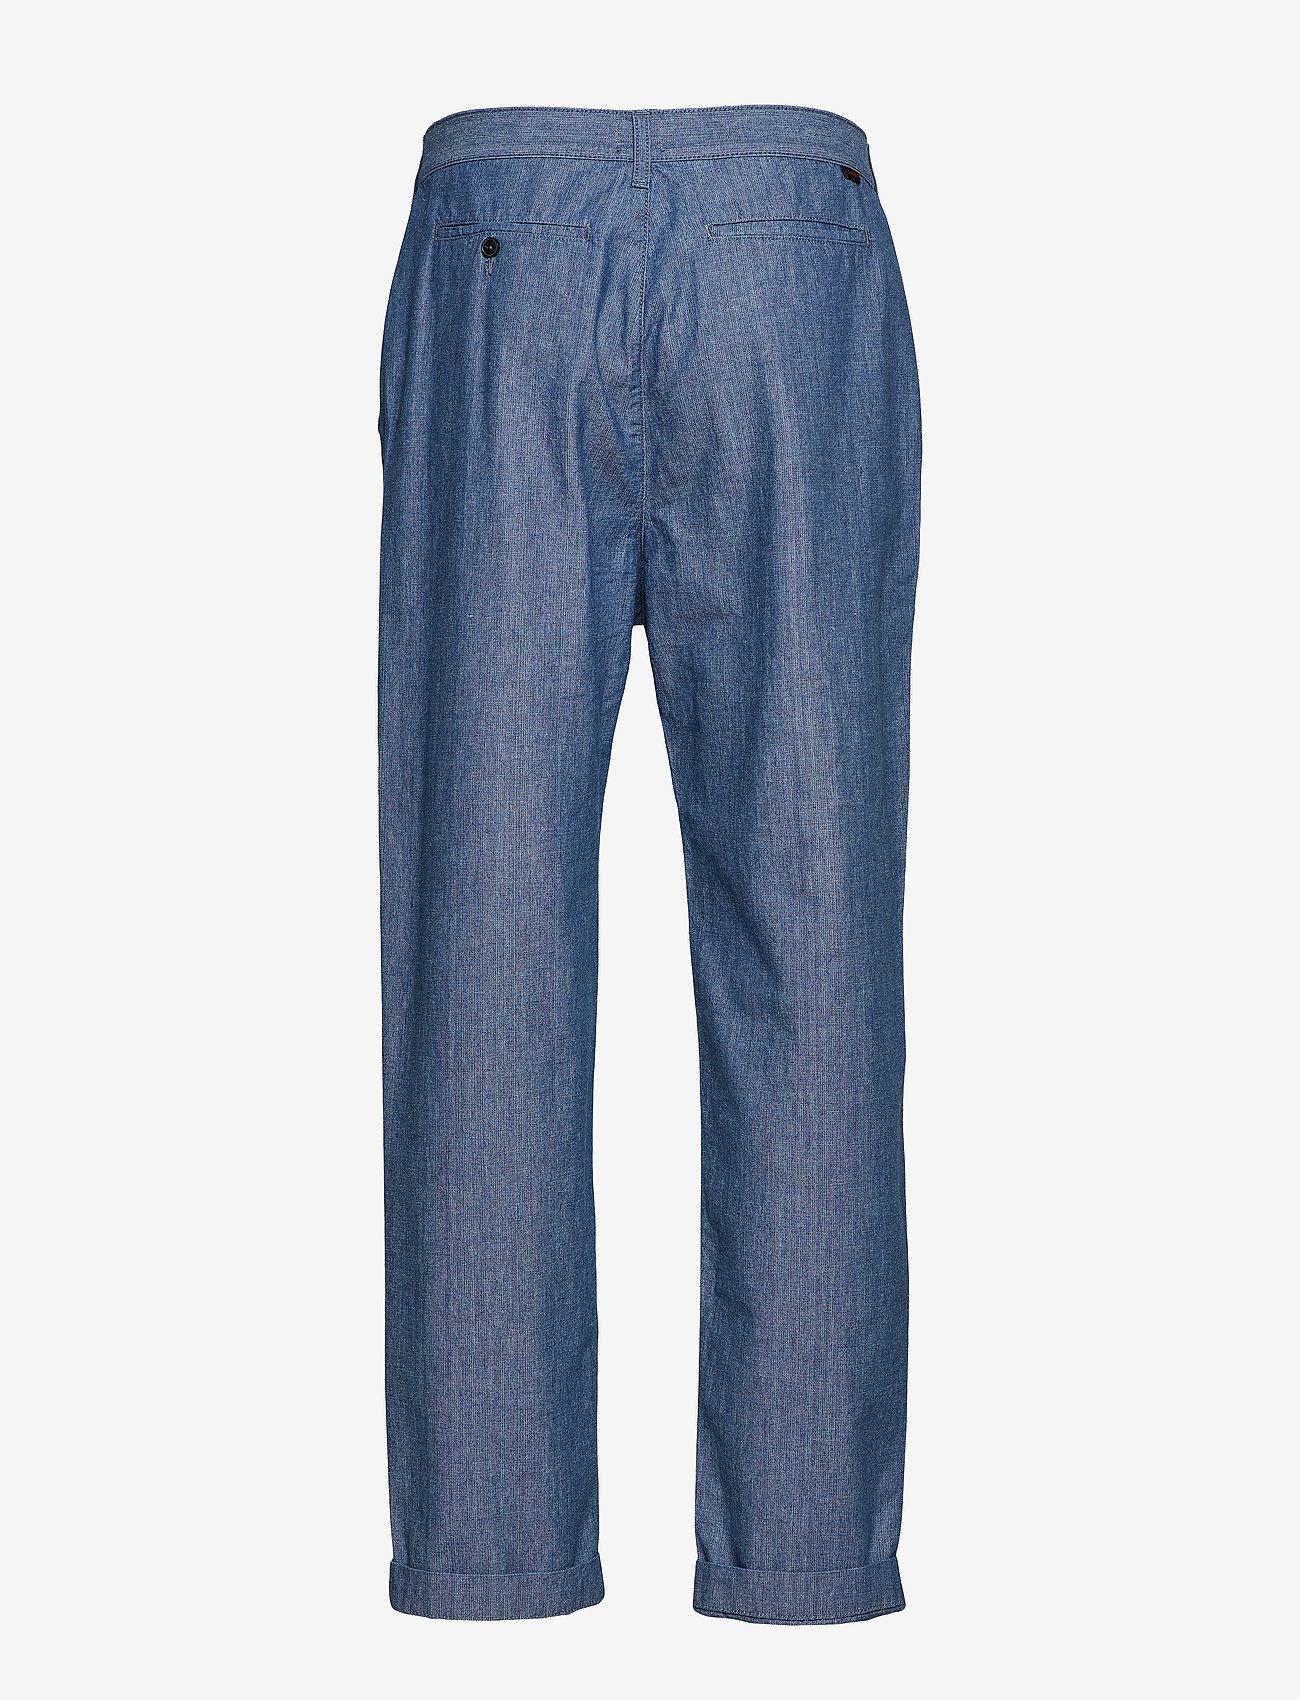 Lee Jeans RELAXED CHINO - Bukser CHAMBRAY - Menn Klær